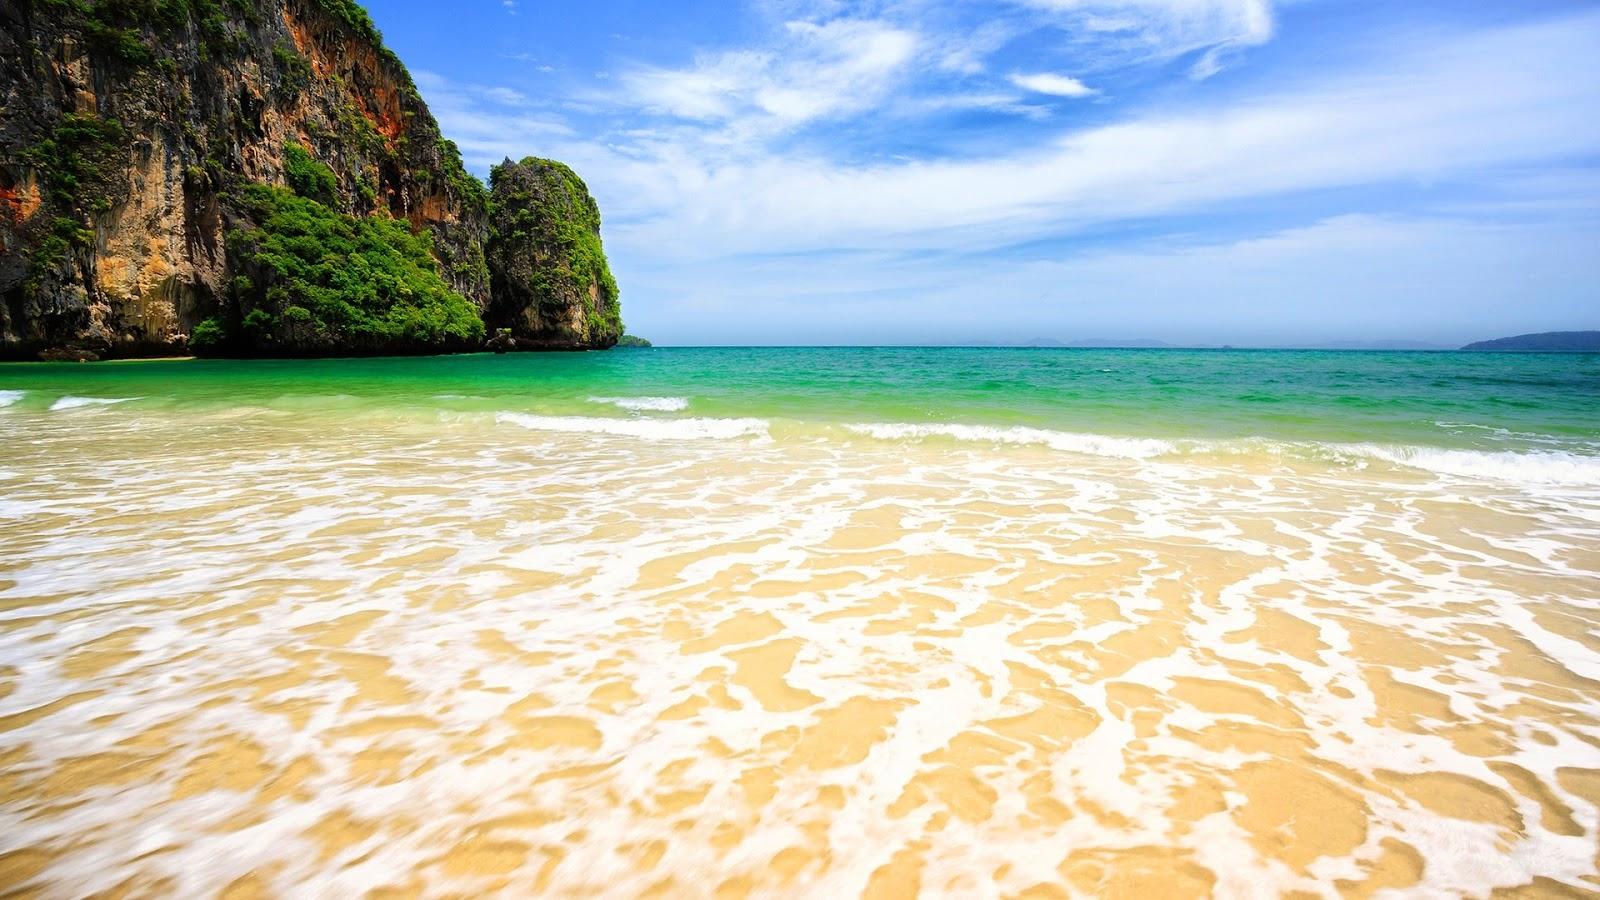 wallpapers thailand beach hd - photo #11